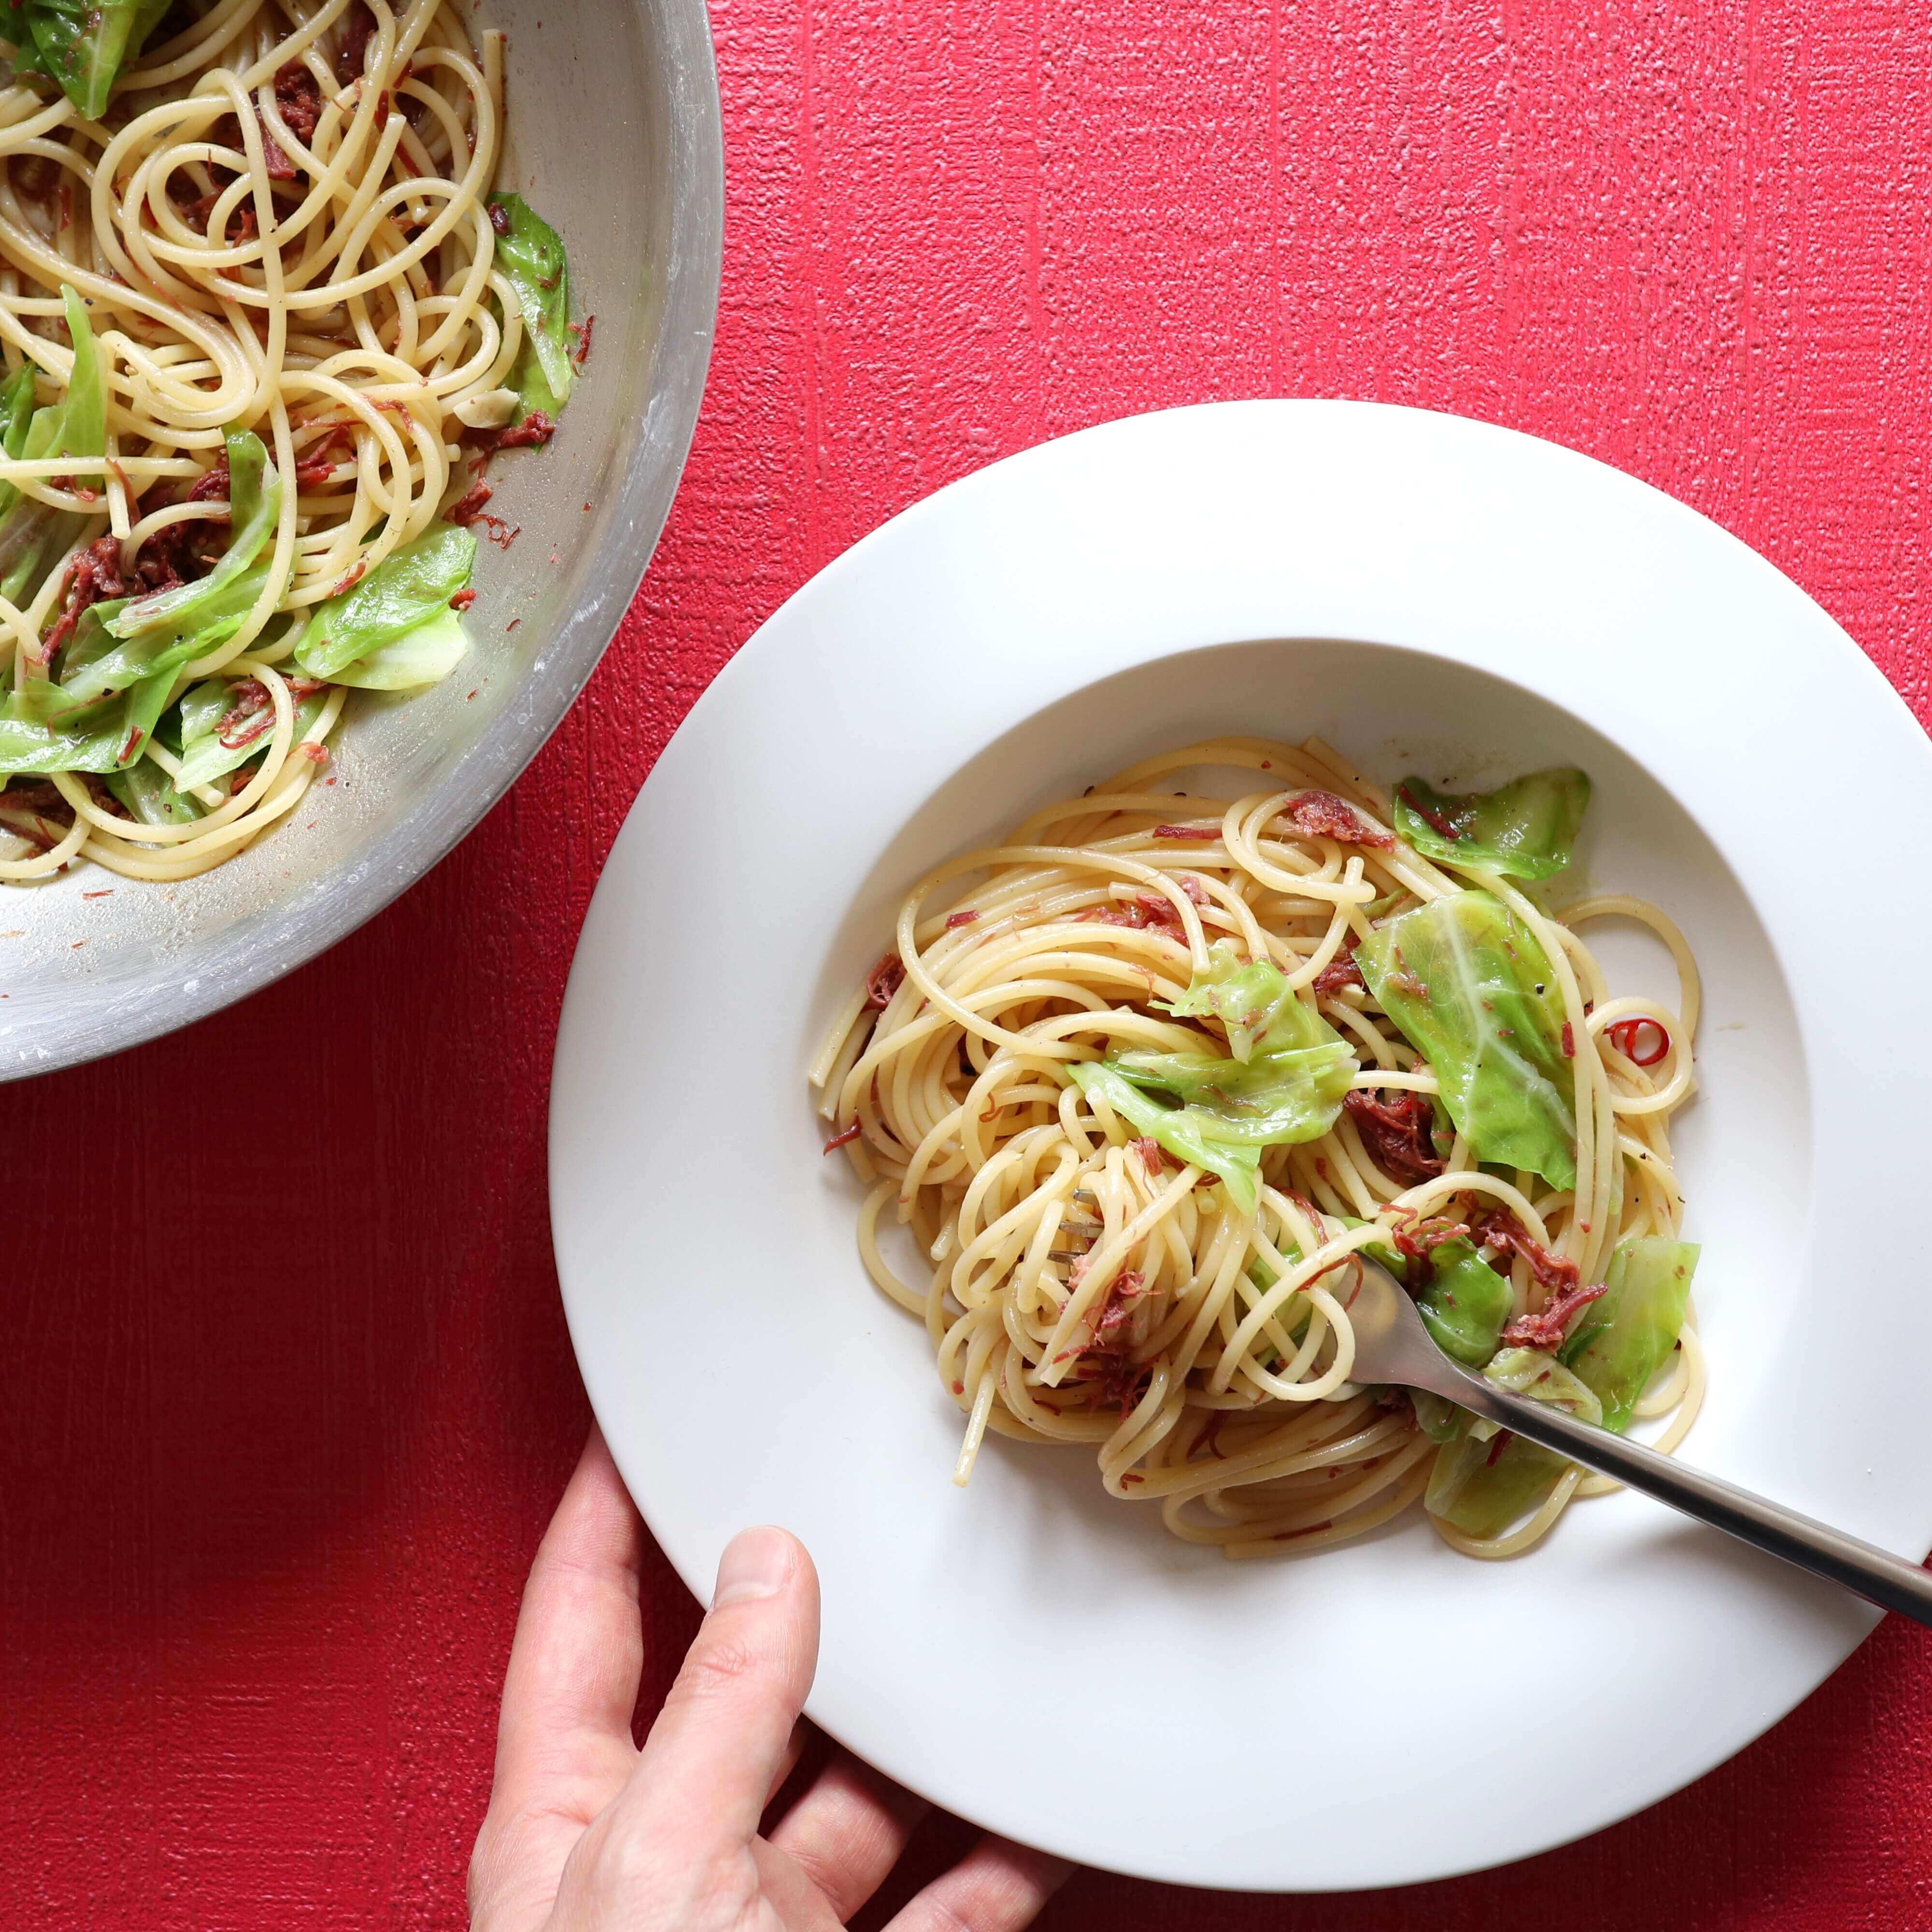 【美味!】コンビーフとキャベツのオイルパスタのレシピ